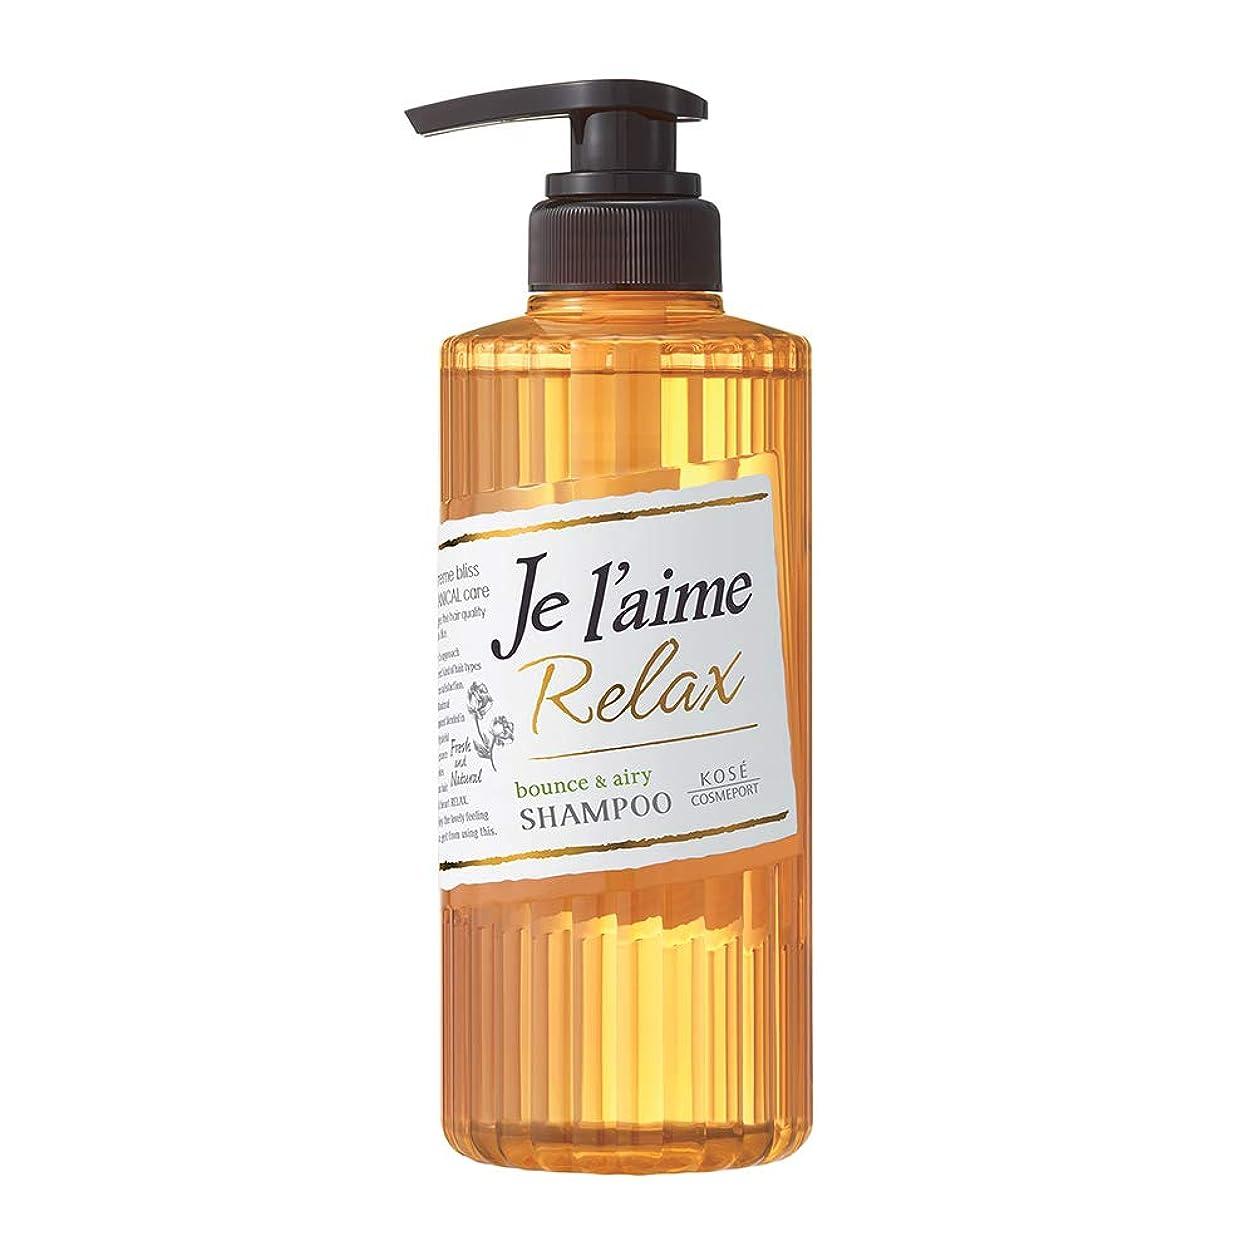 のぞき穴油グレートオークKOSE コーセー ジュレーム リラックス シャンプー ノンシリコン ボタニカル ケア (バウンス & エアリー) やわらかい髪用 ポンプ 500mL